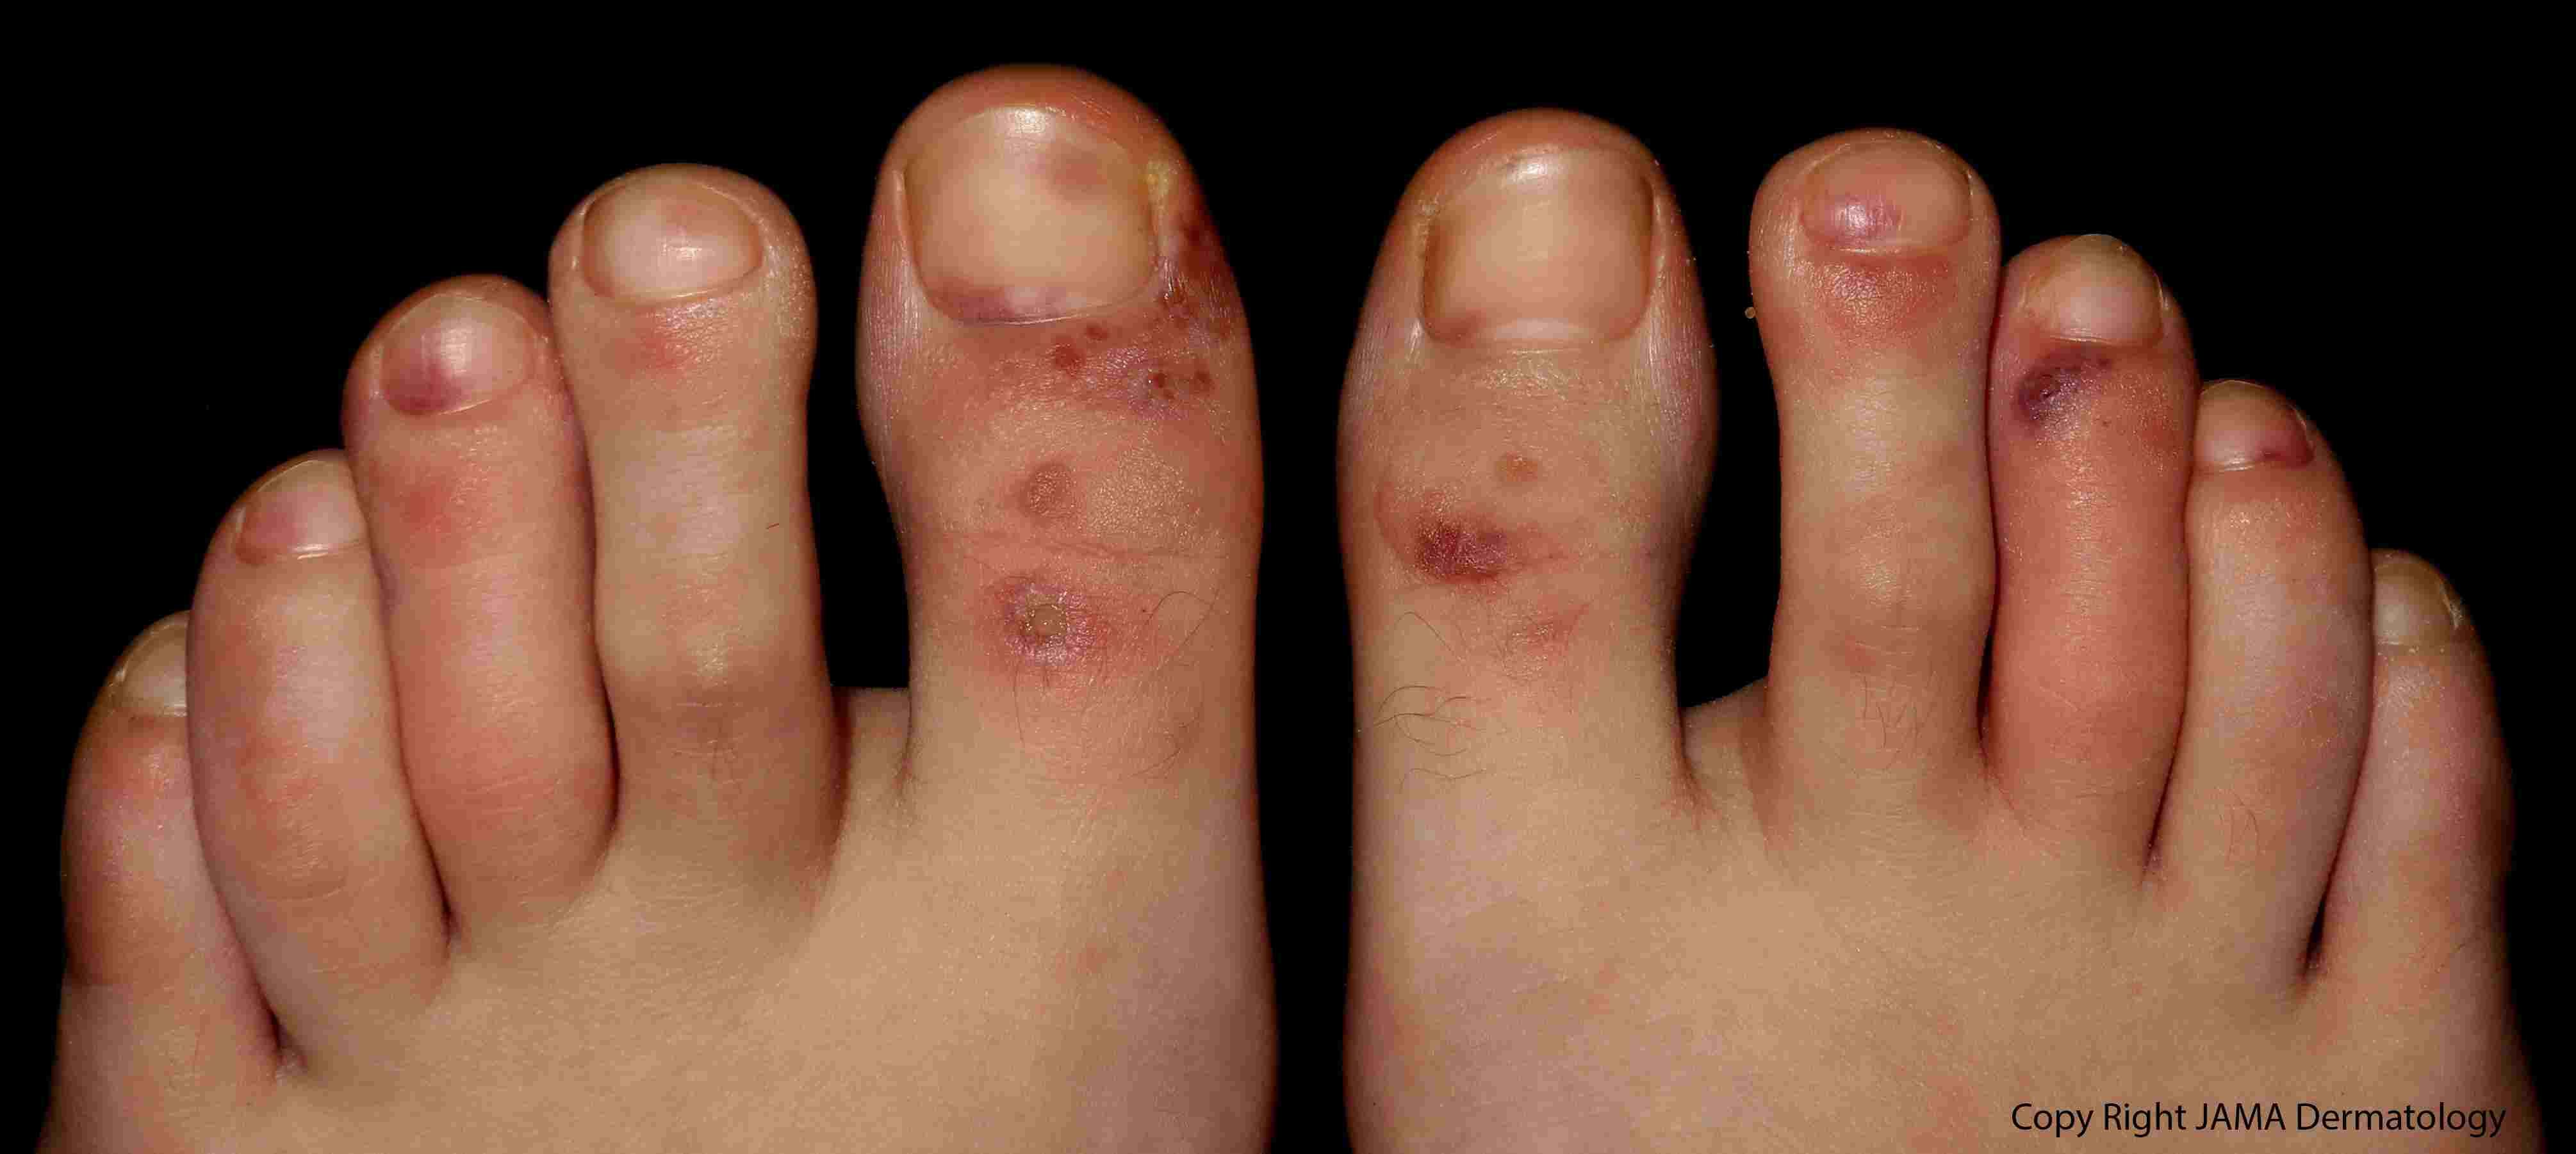 Maculopápula purpúrica en los dedos de los pies.